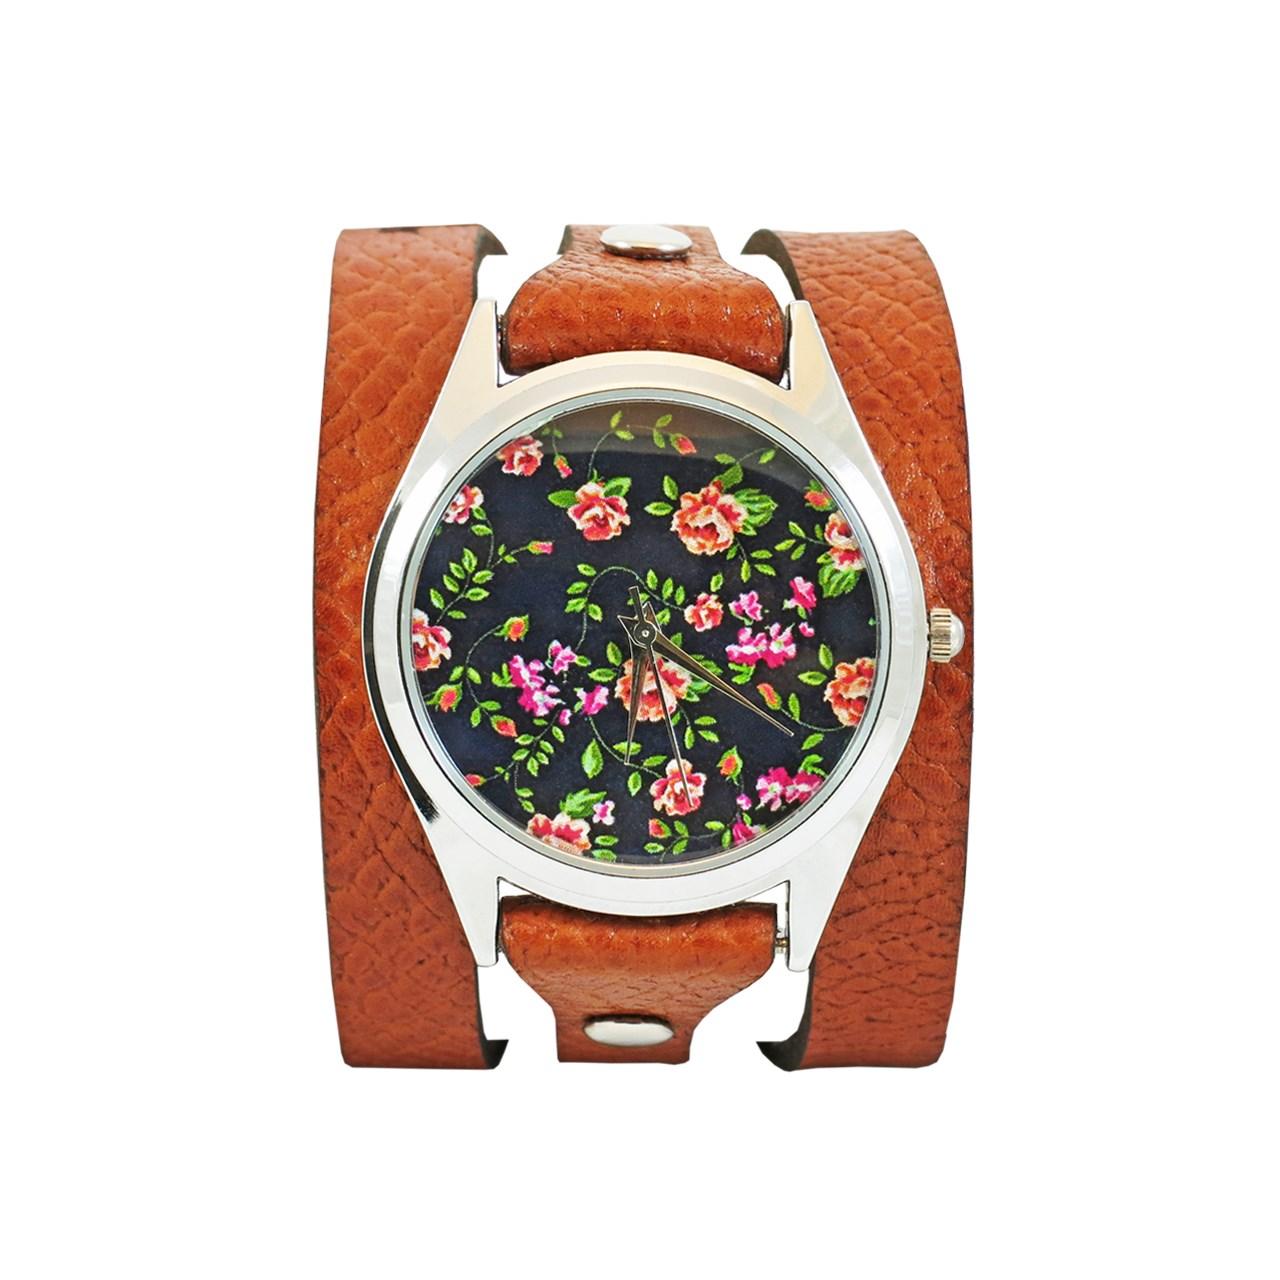 ساعت دست ساز اچ آر دیزاین گروپ مدل 011